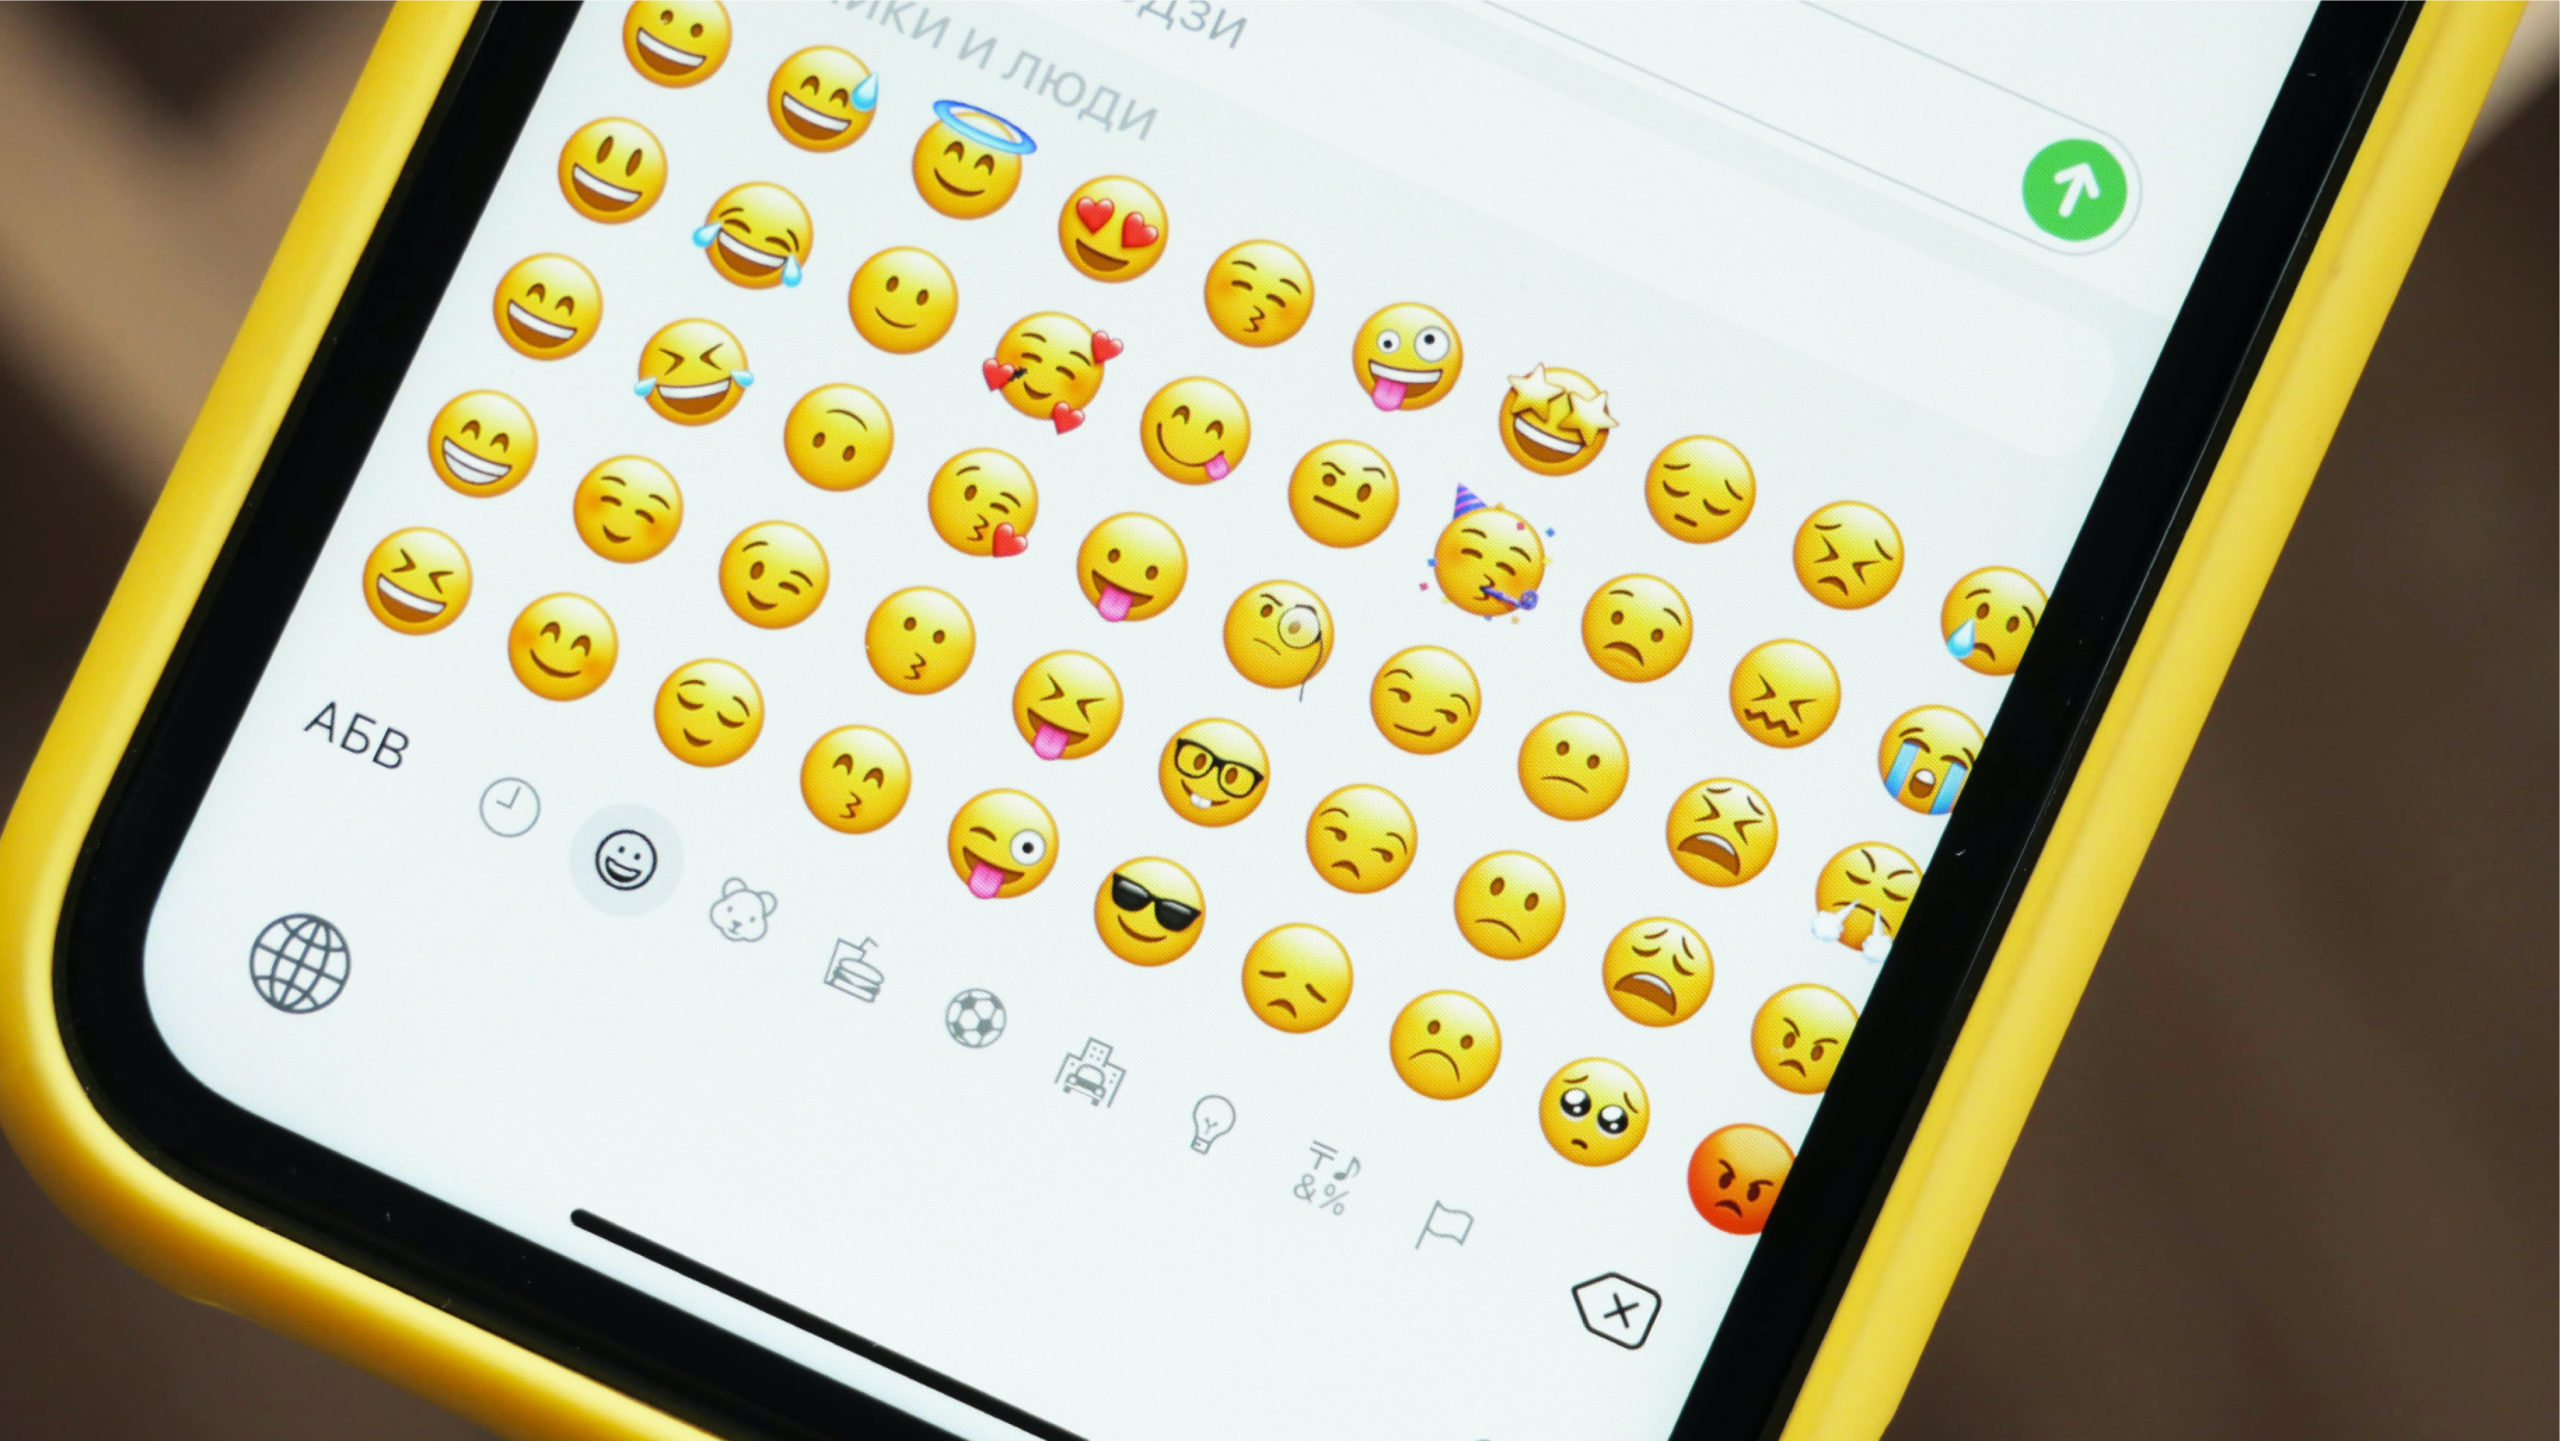 Estos son los emojis más populares en el mundo